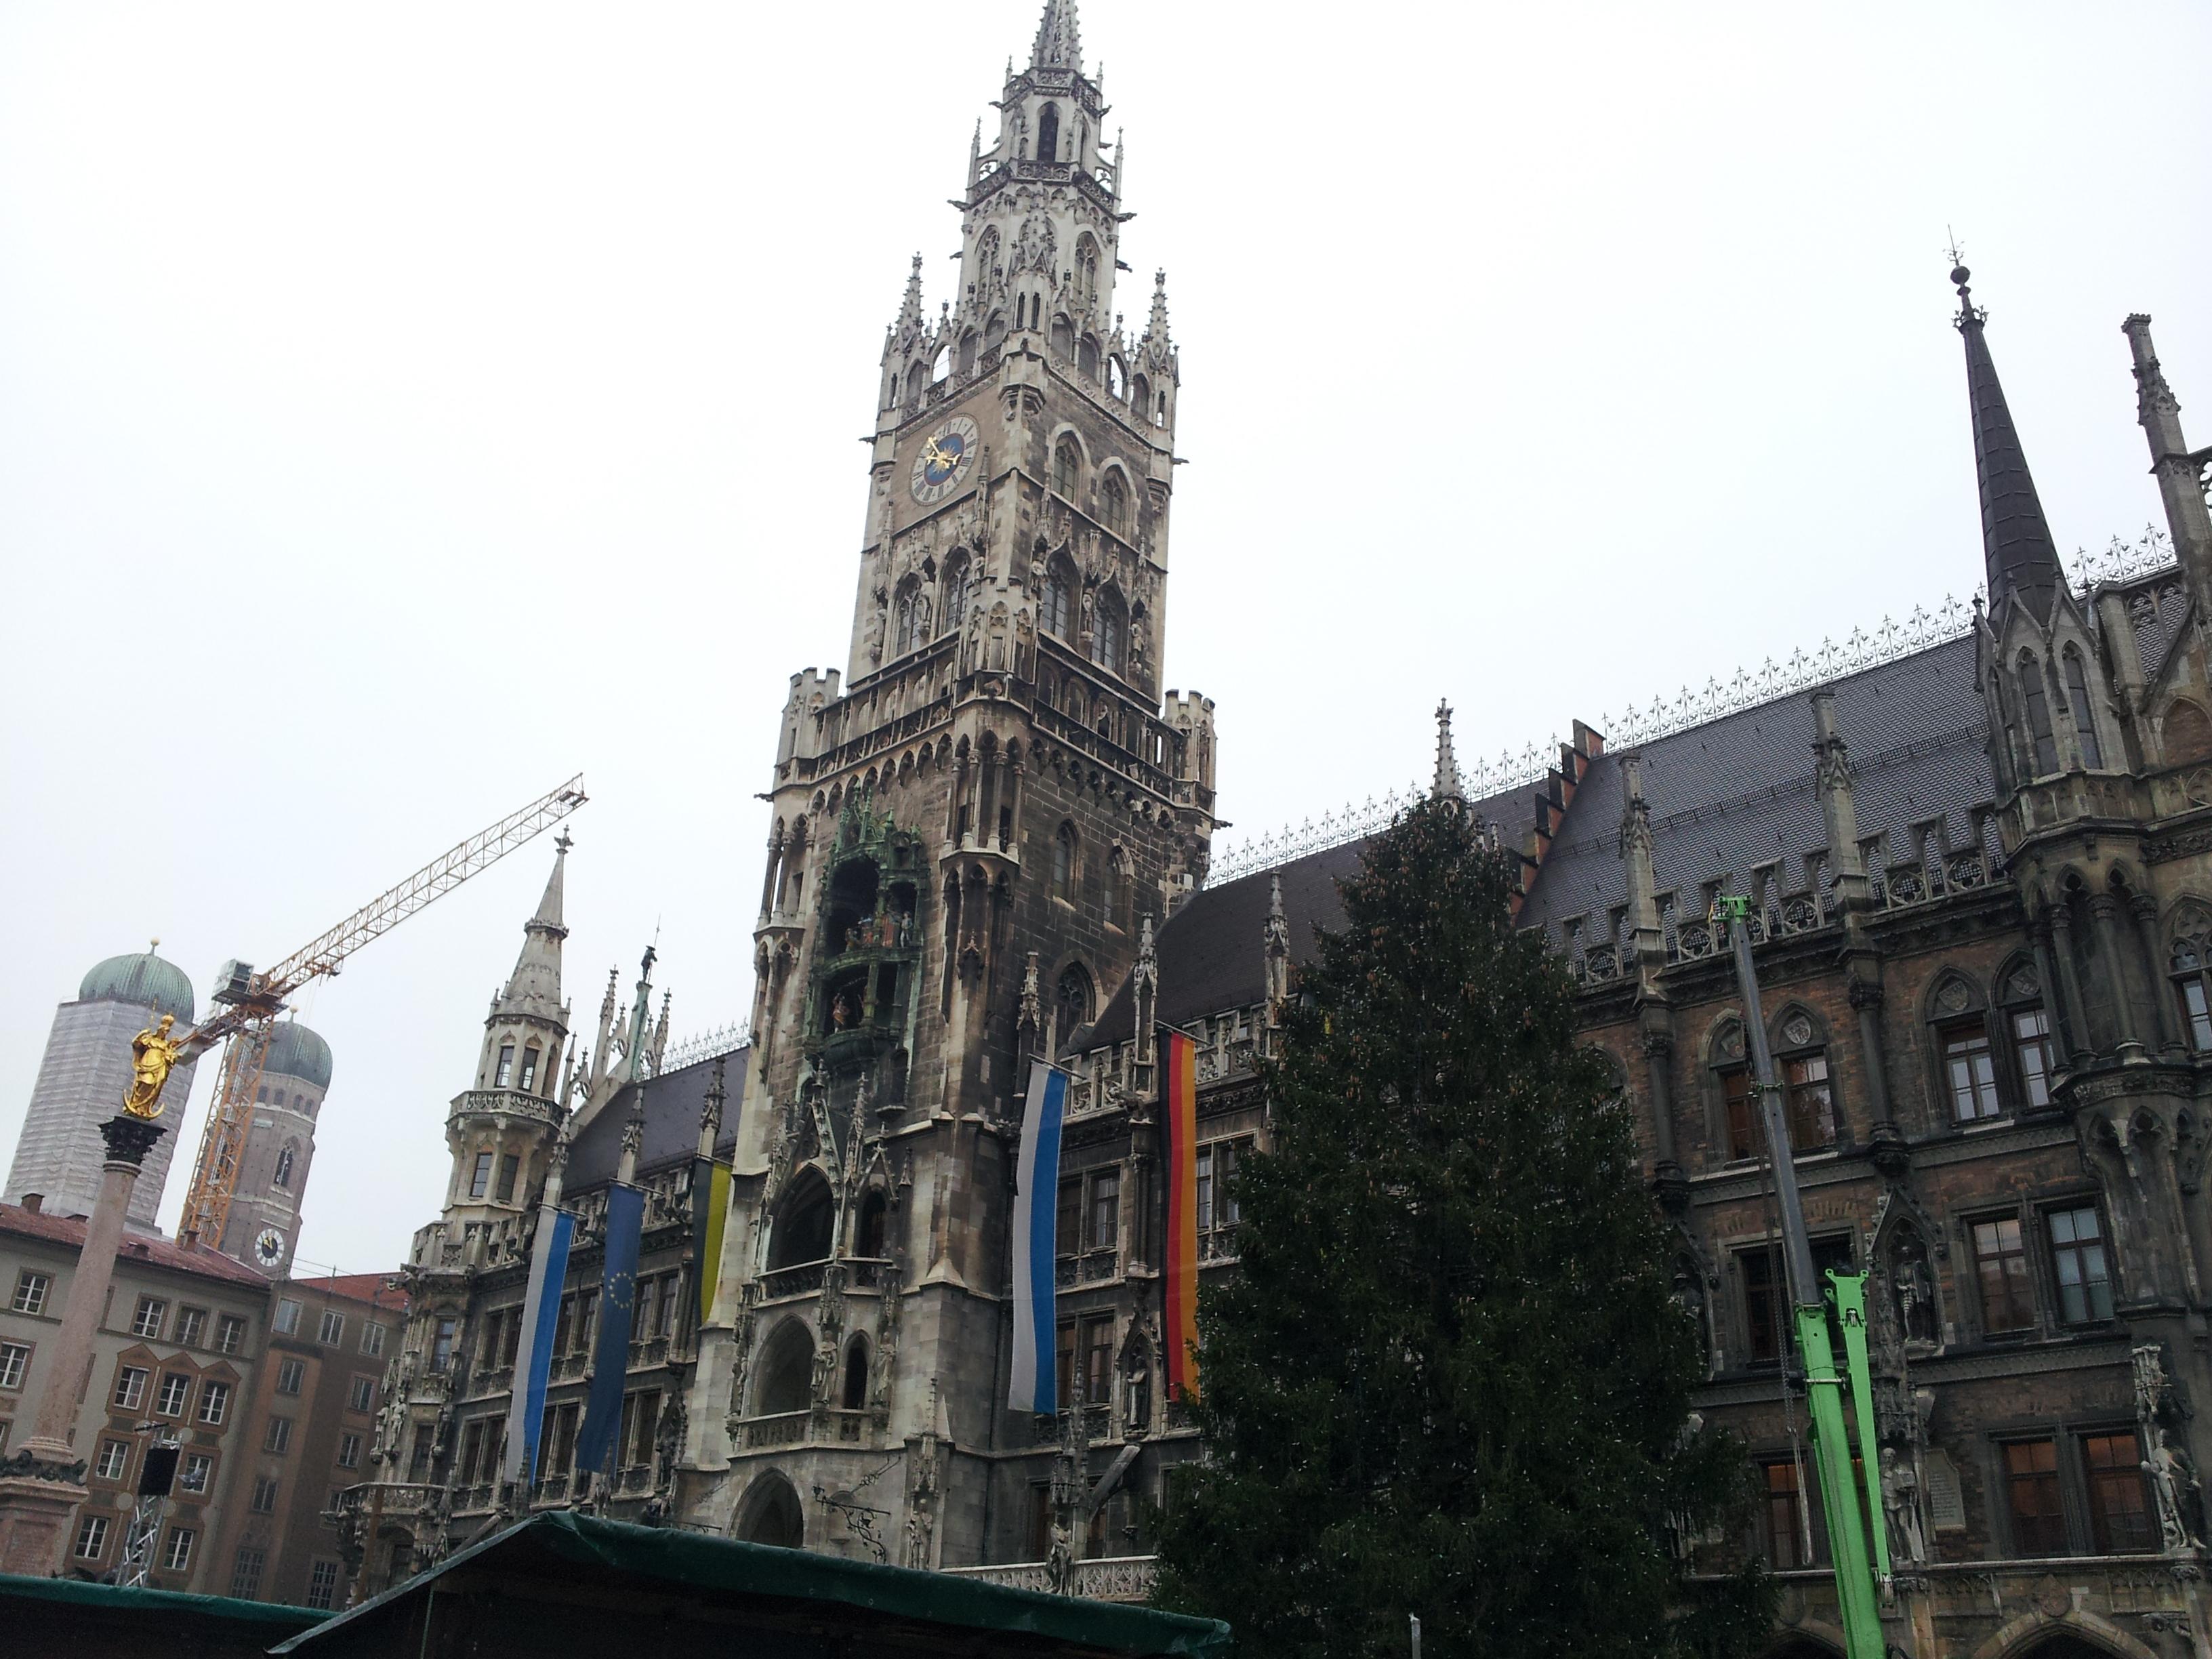 münchen, muc, marienplatz, mvv, neues rathaus, sehenswürdigkeit, bauwerk, weihnachtsbaum, weihnachtsmarkt